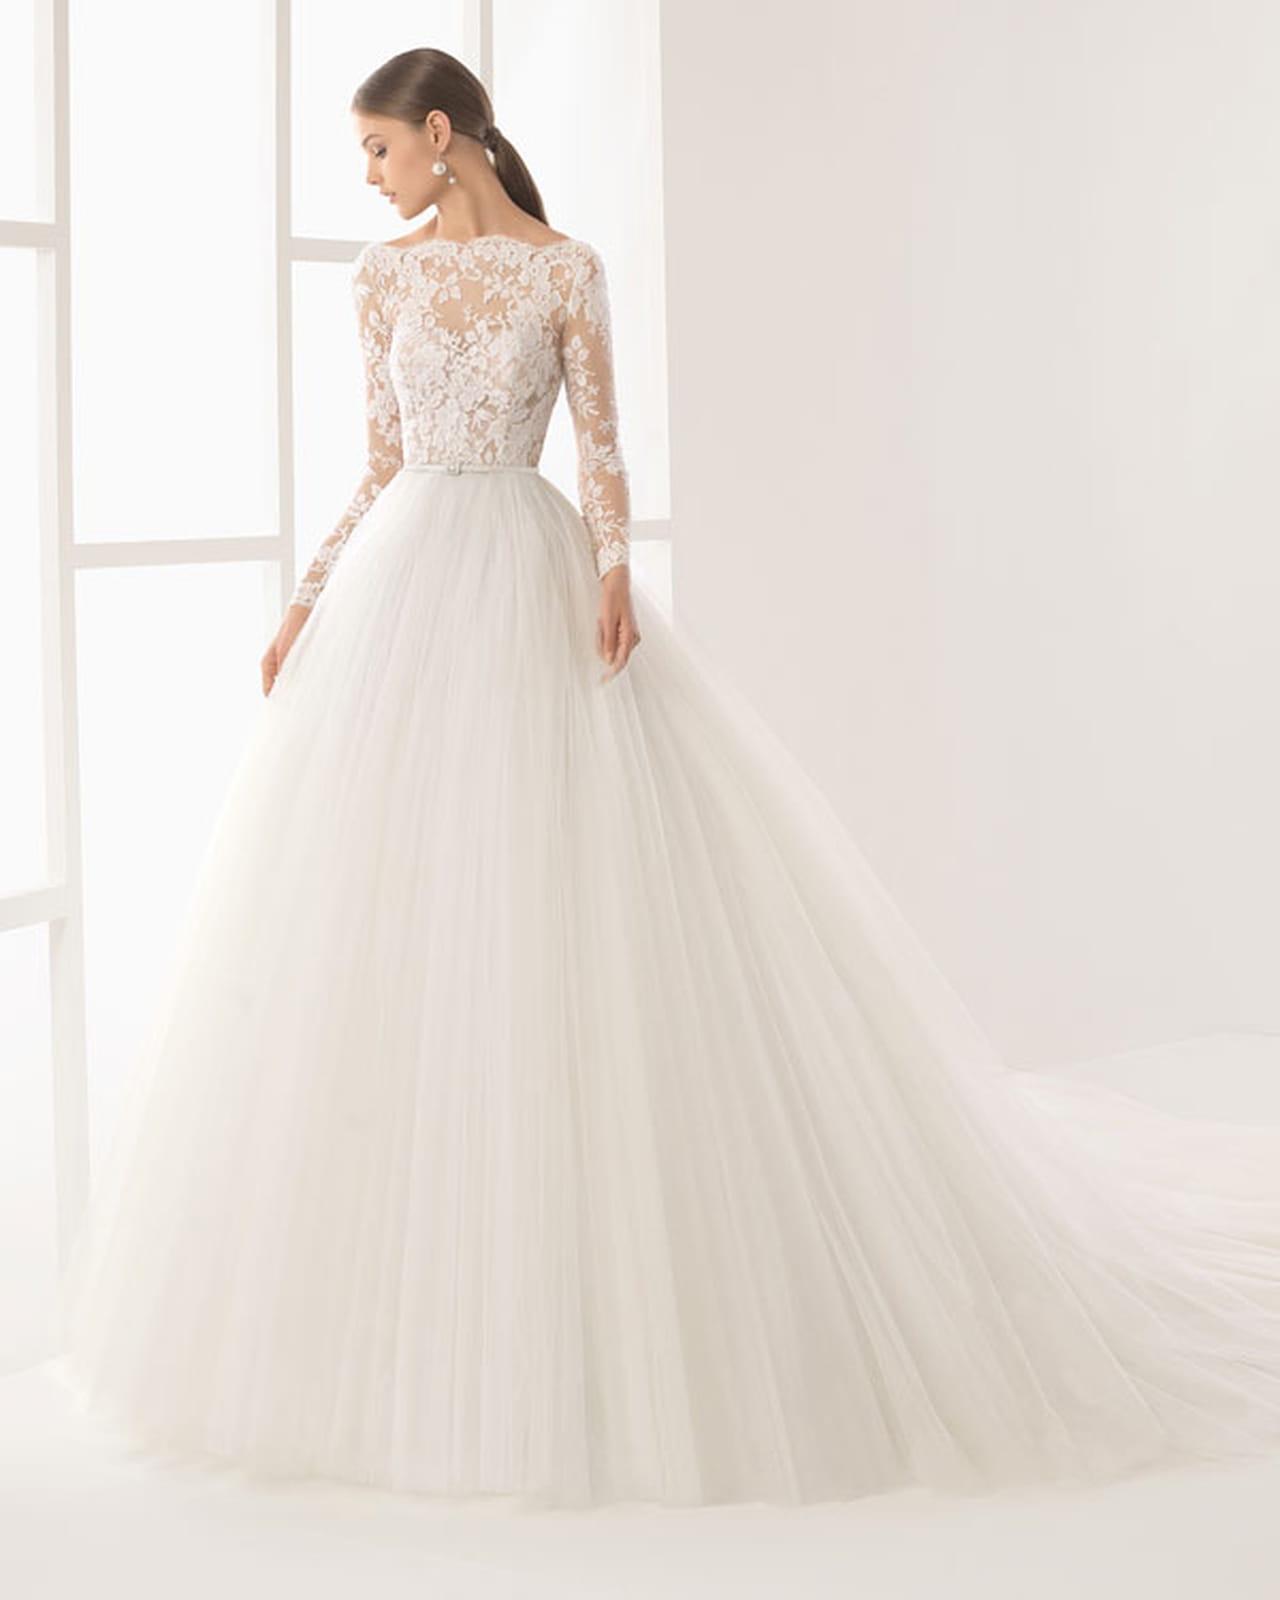 eb3b8bc8a موديلات فساتين زفاف بأكمام طويلة لعروس 2017